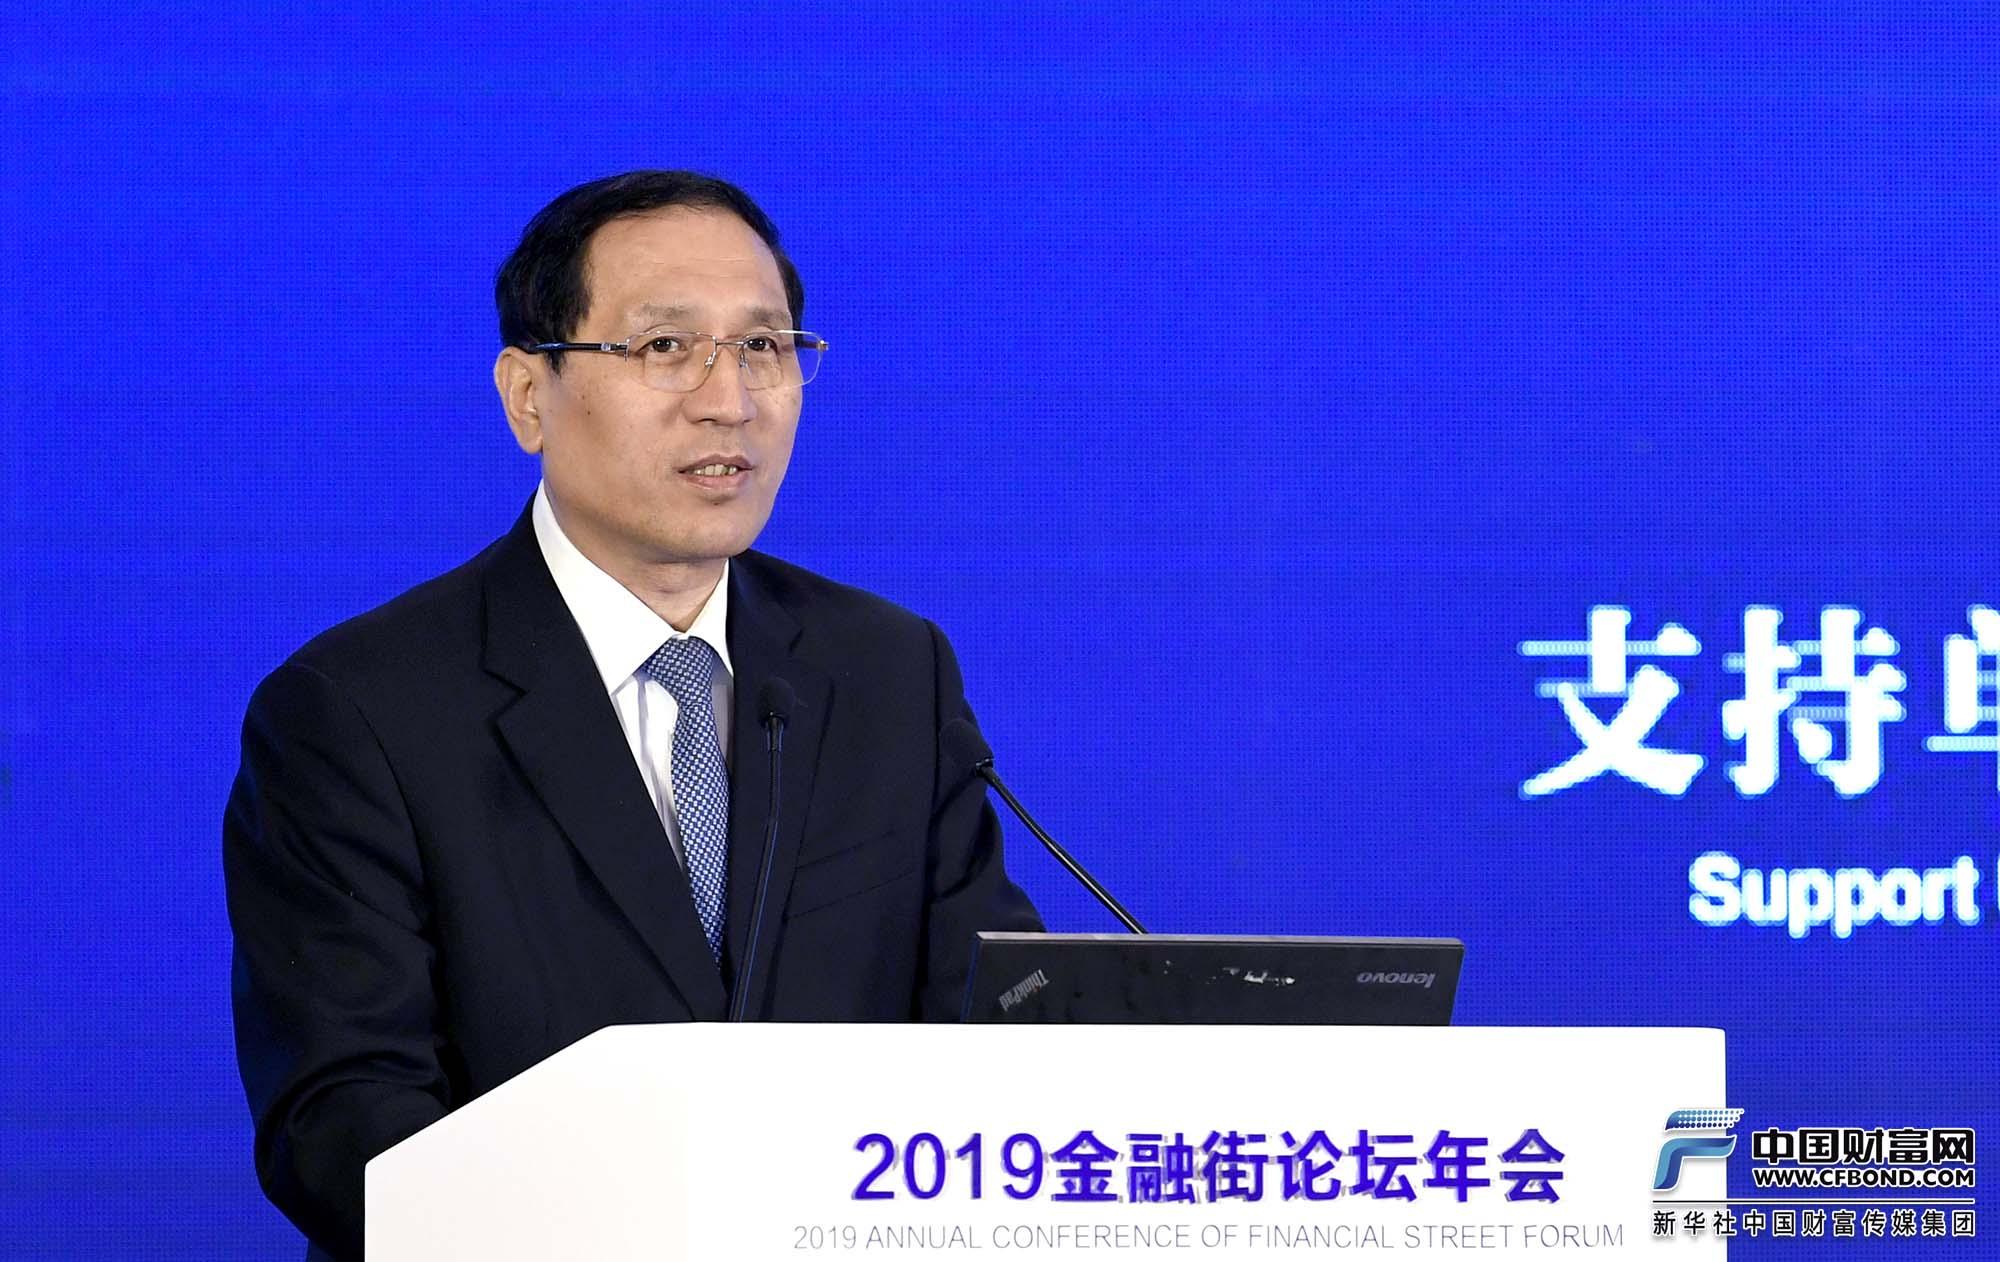 演讲嘉宾:国家开发银行行长郑之杰